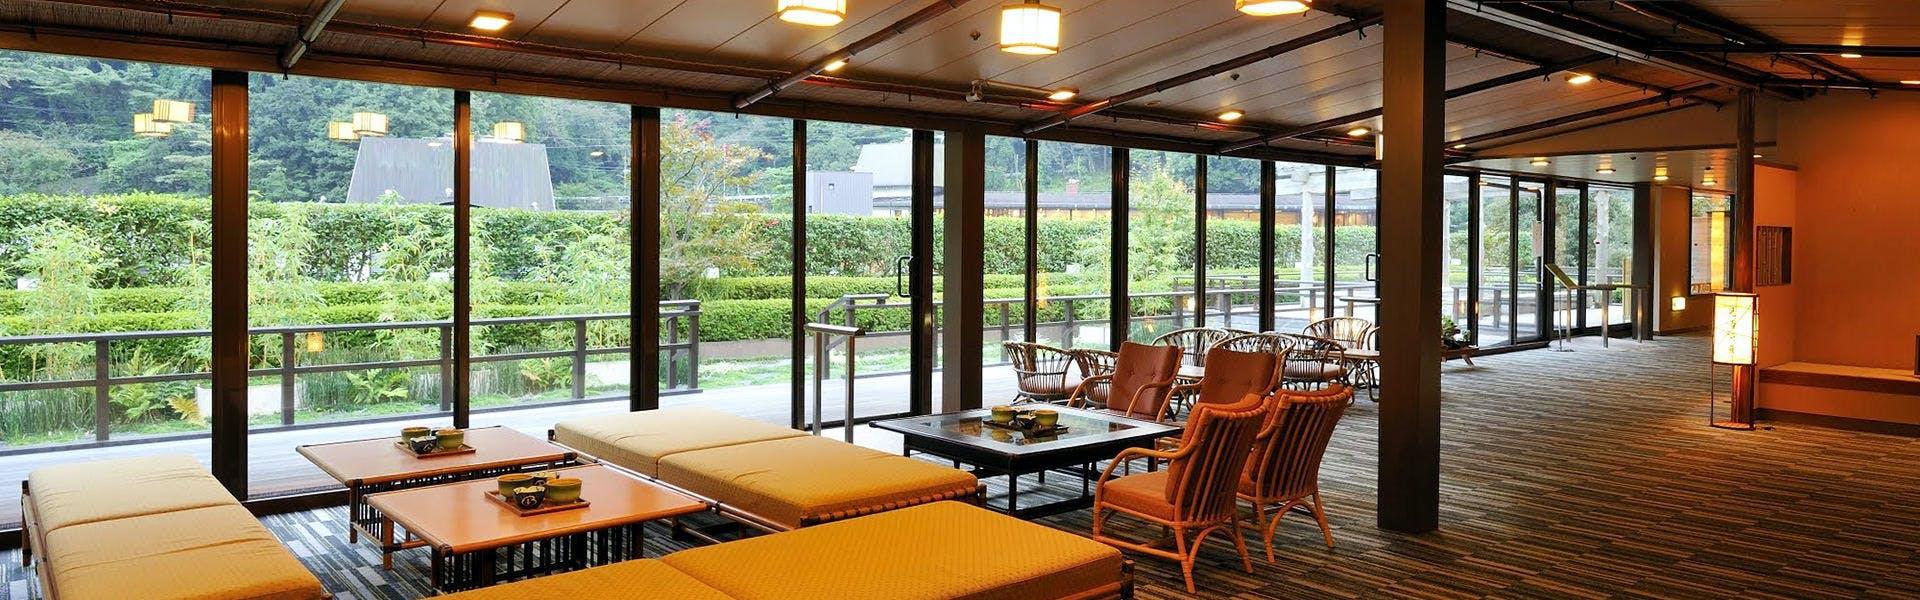 記念日におすすめのホテル・箱根湯本温泉 ホテルおかだの写真3